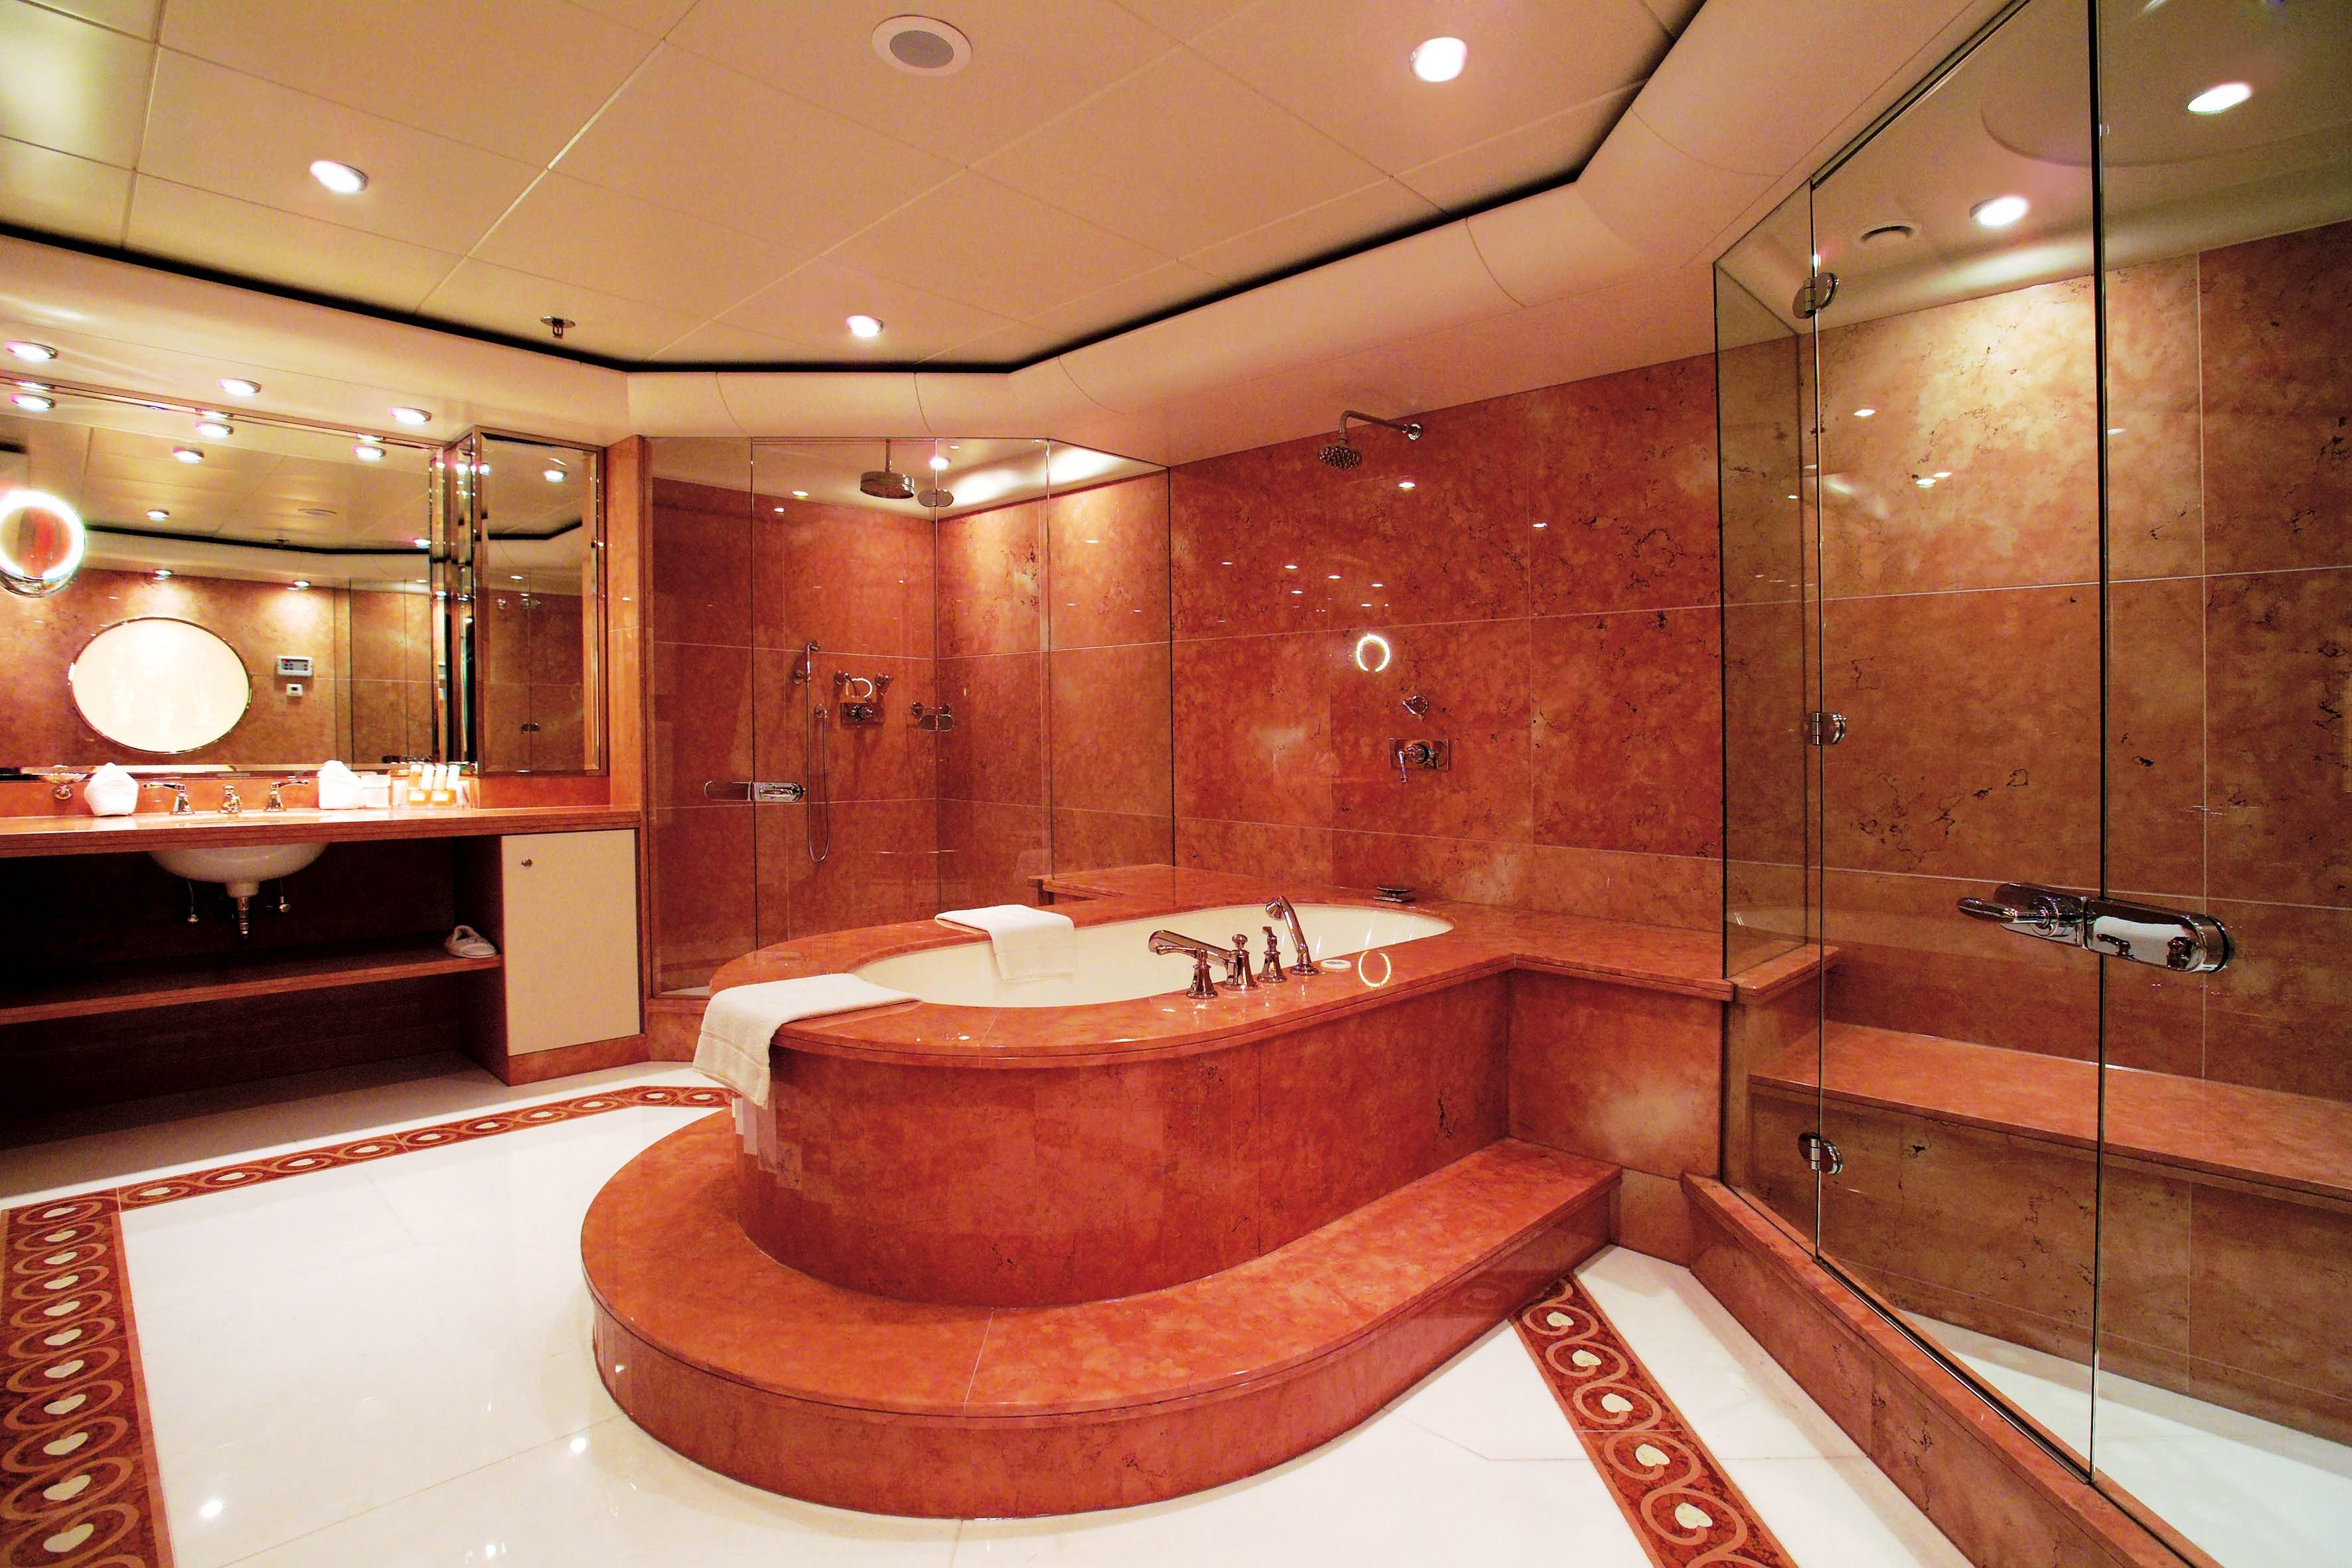 Красная мраморная плитка в ванной